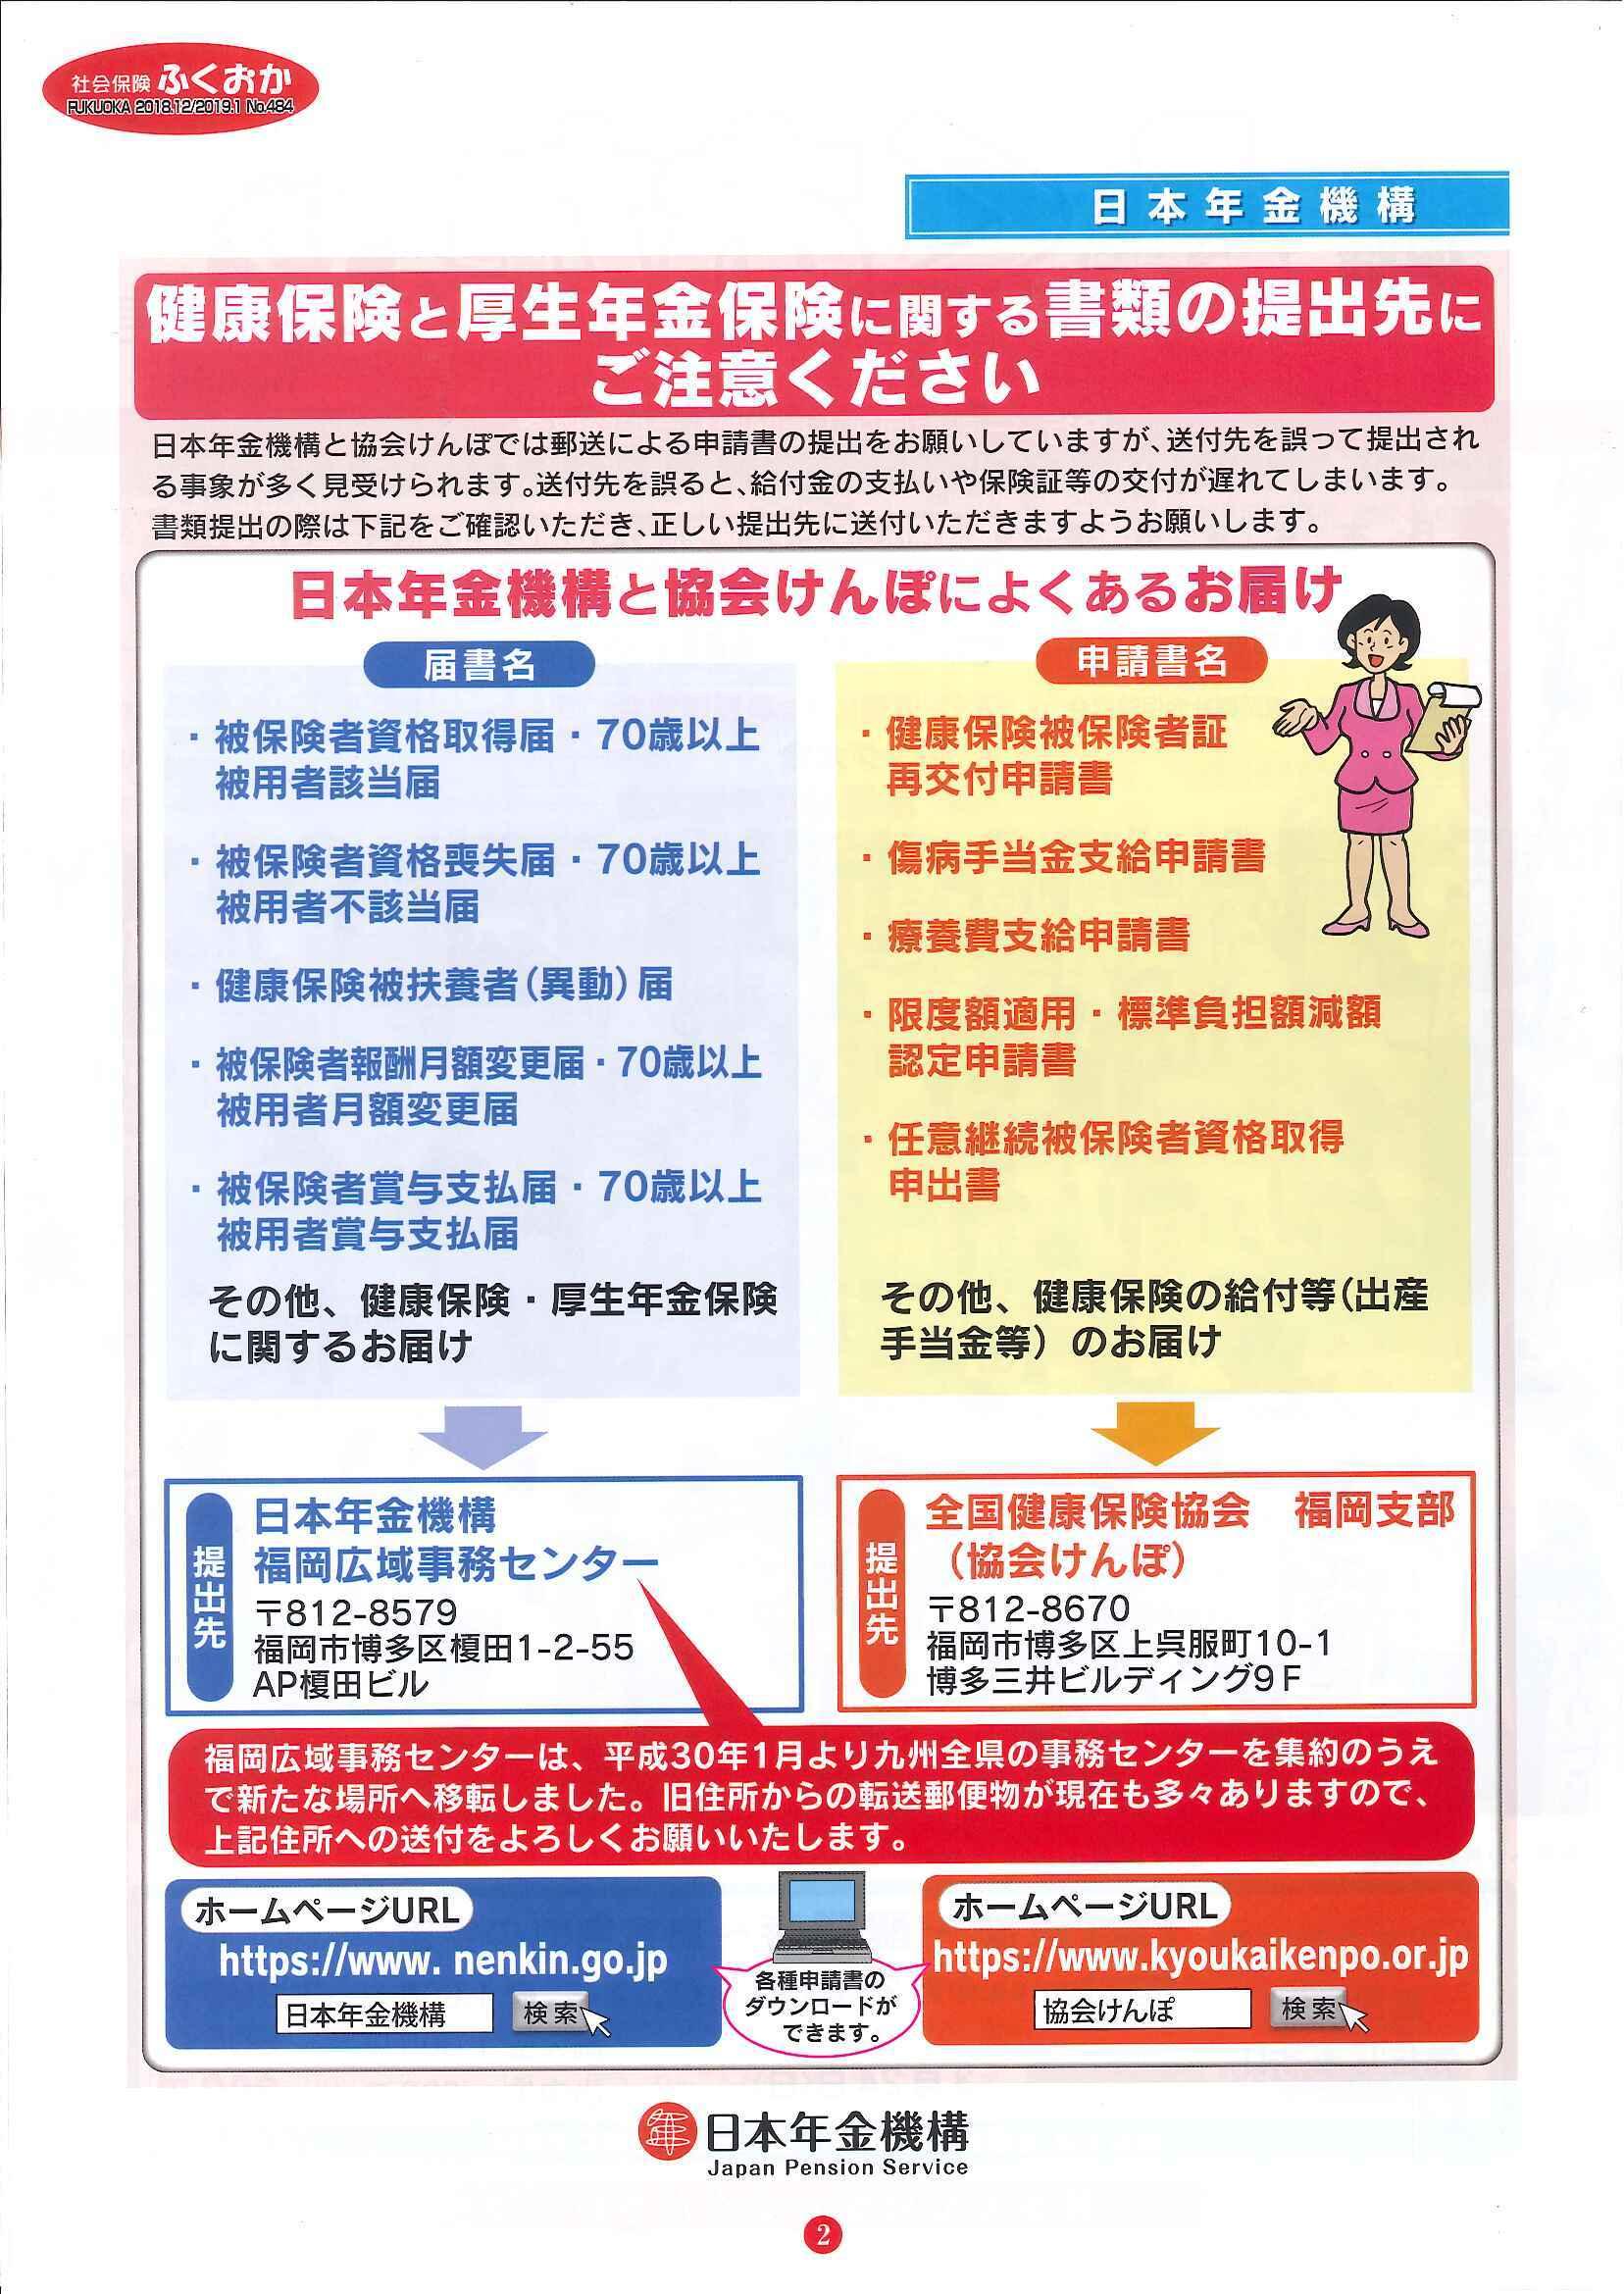 社会保険 ふくおか 2018年12月・2019年1月号_f0120774_16101429.jpg